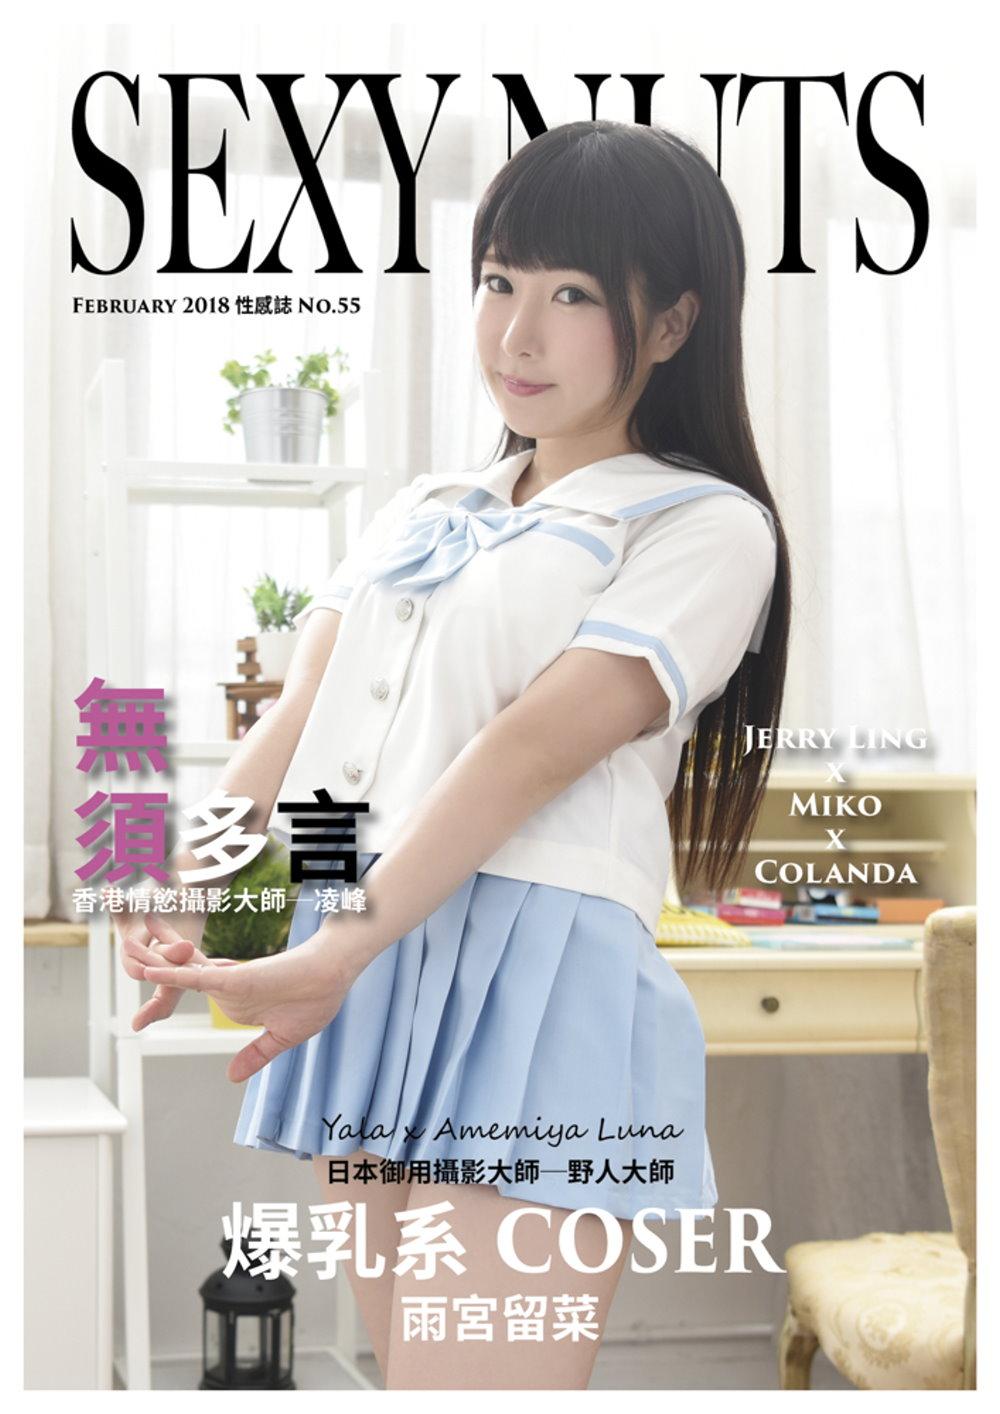 SEXY NUTS性感誌 2月號/2018第55期